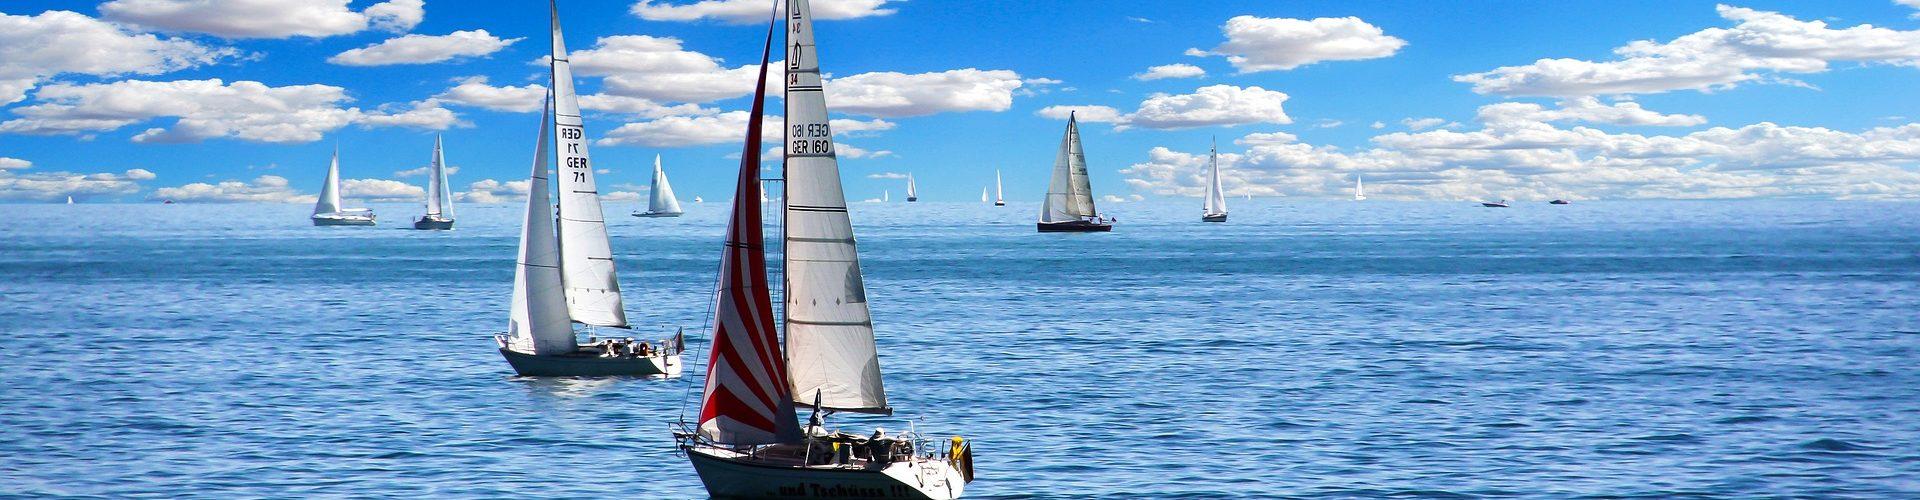 segeln lernen in Salzwedel segelschein machen in Salzwedel 1920x500 - Segeln lernen in Salzwedel